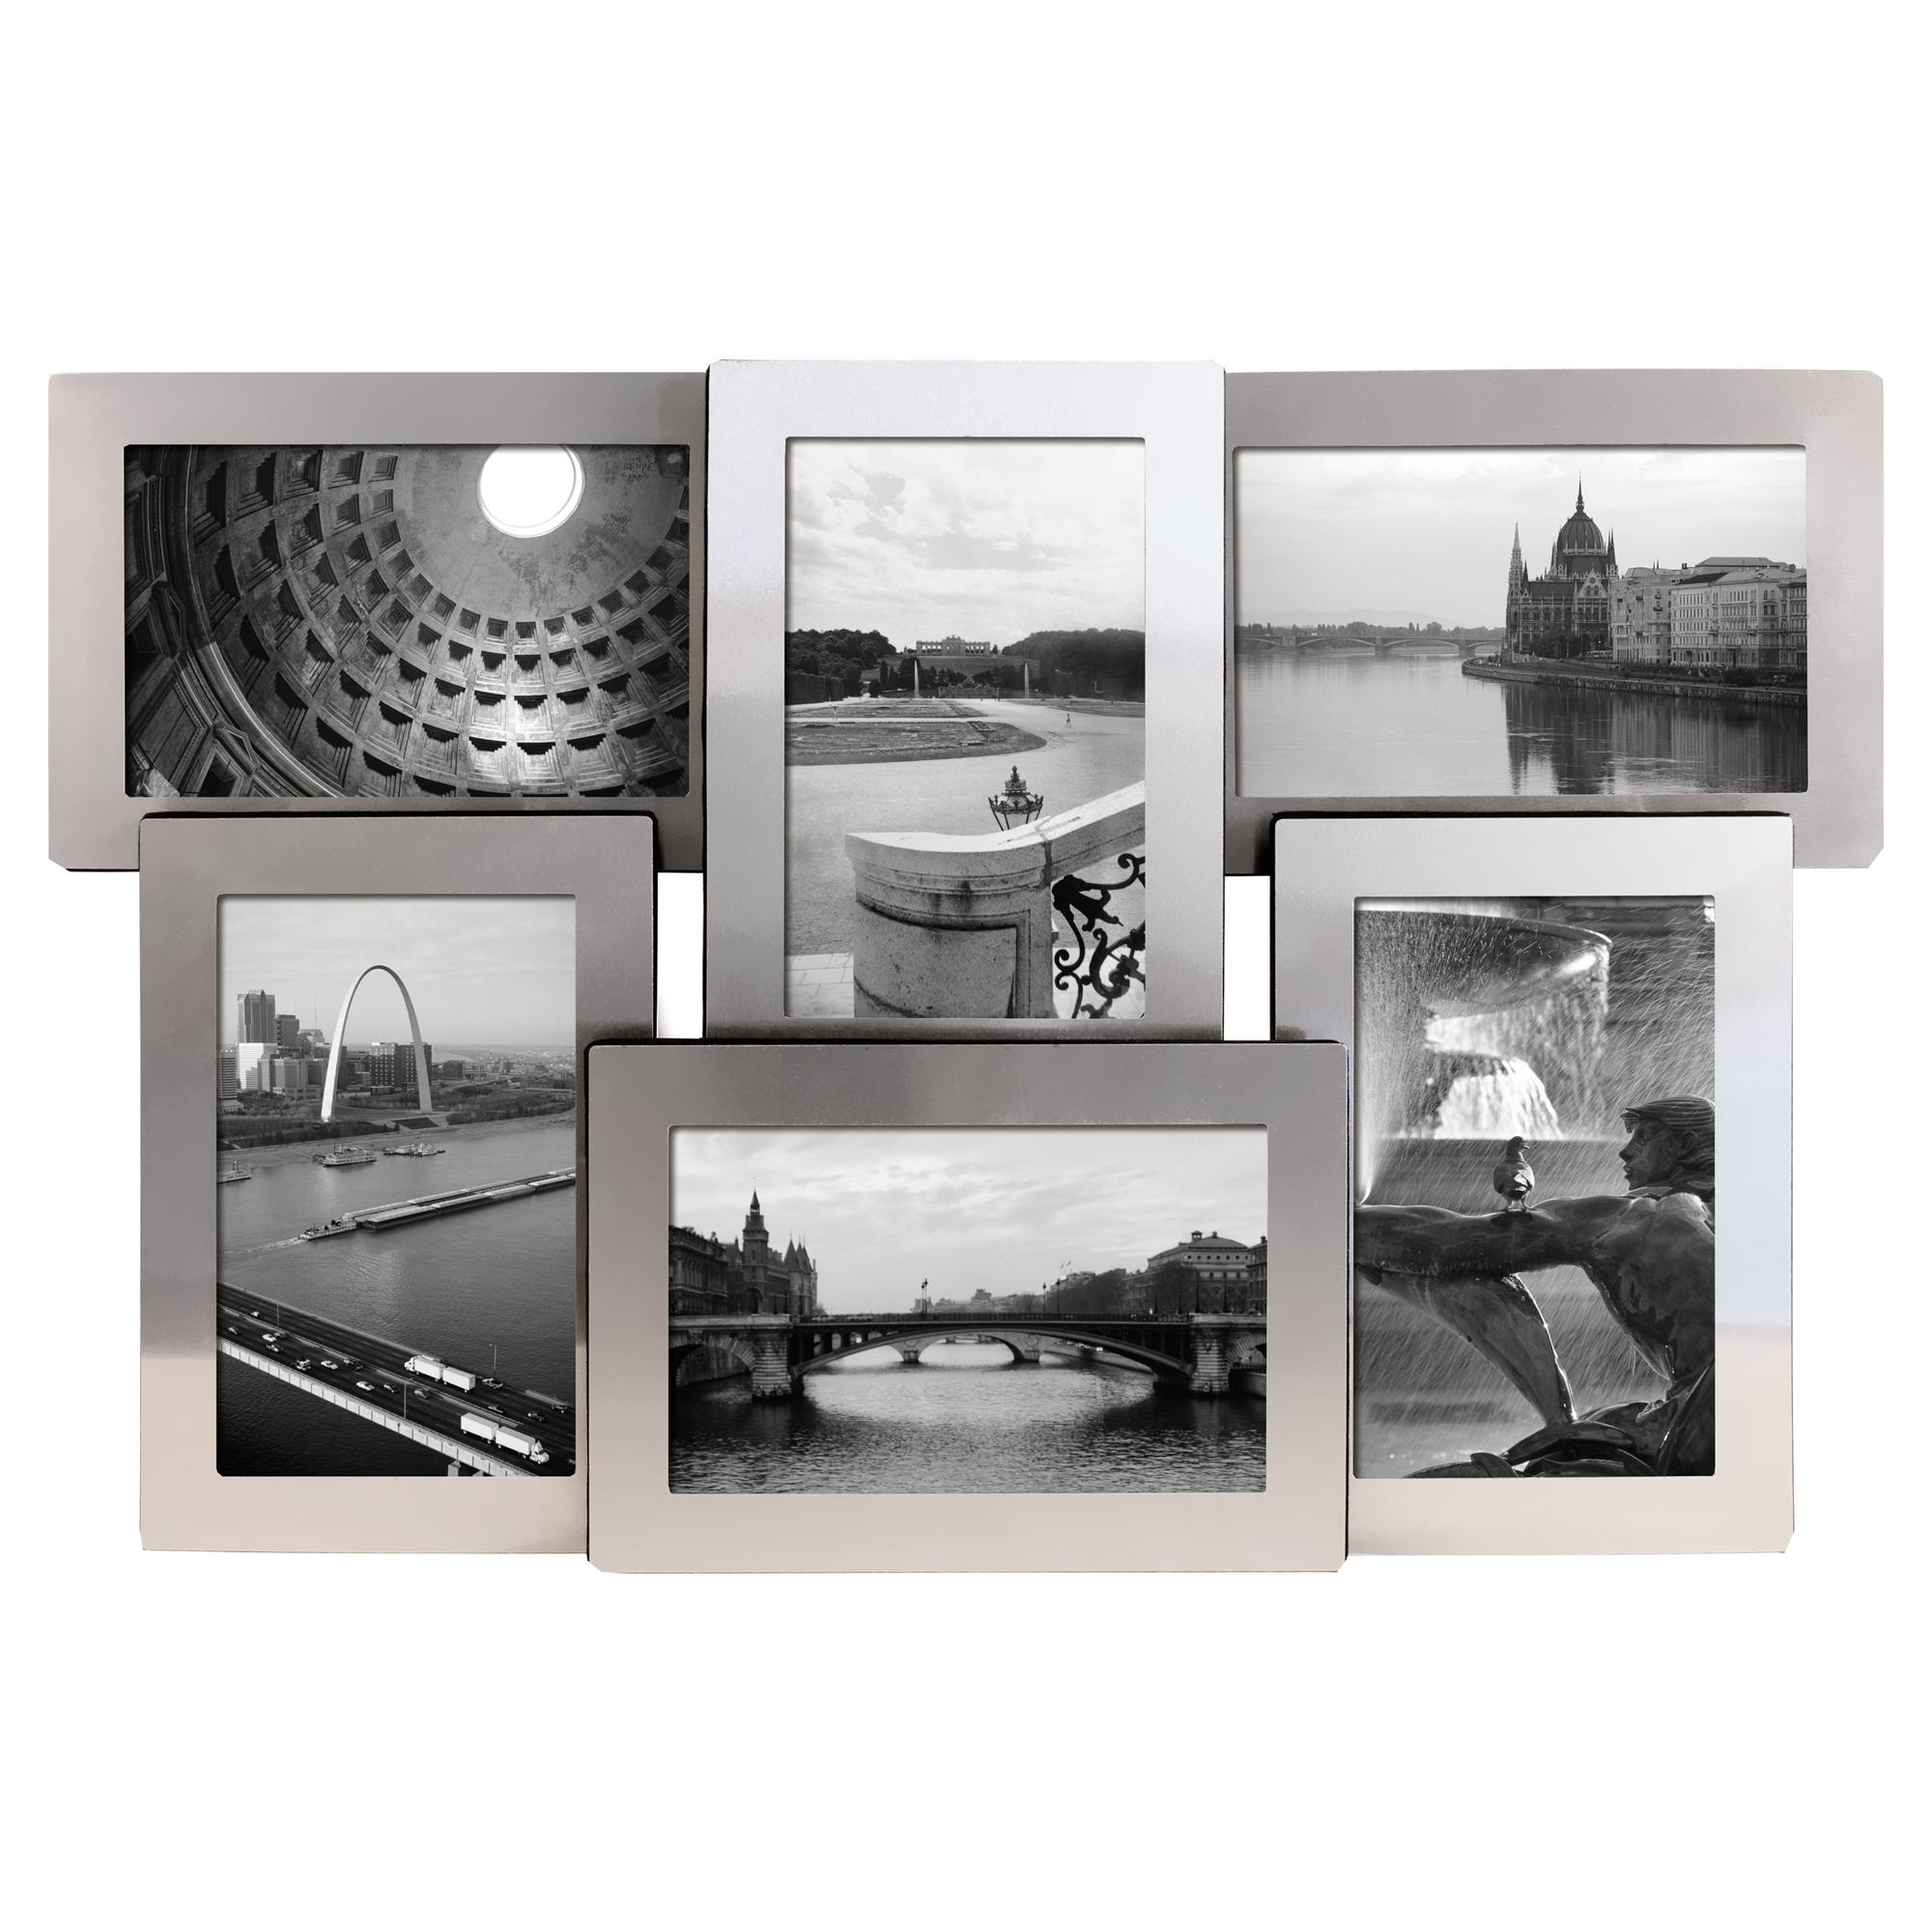 Erfreut 5x7 Collage Rahmen 5 Bild Ideen - Benutzerdefinierte ...